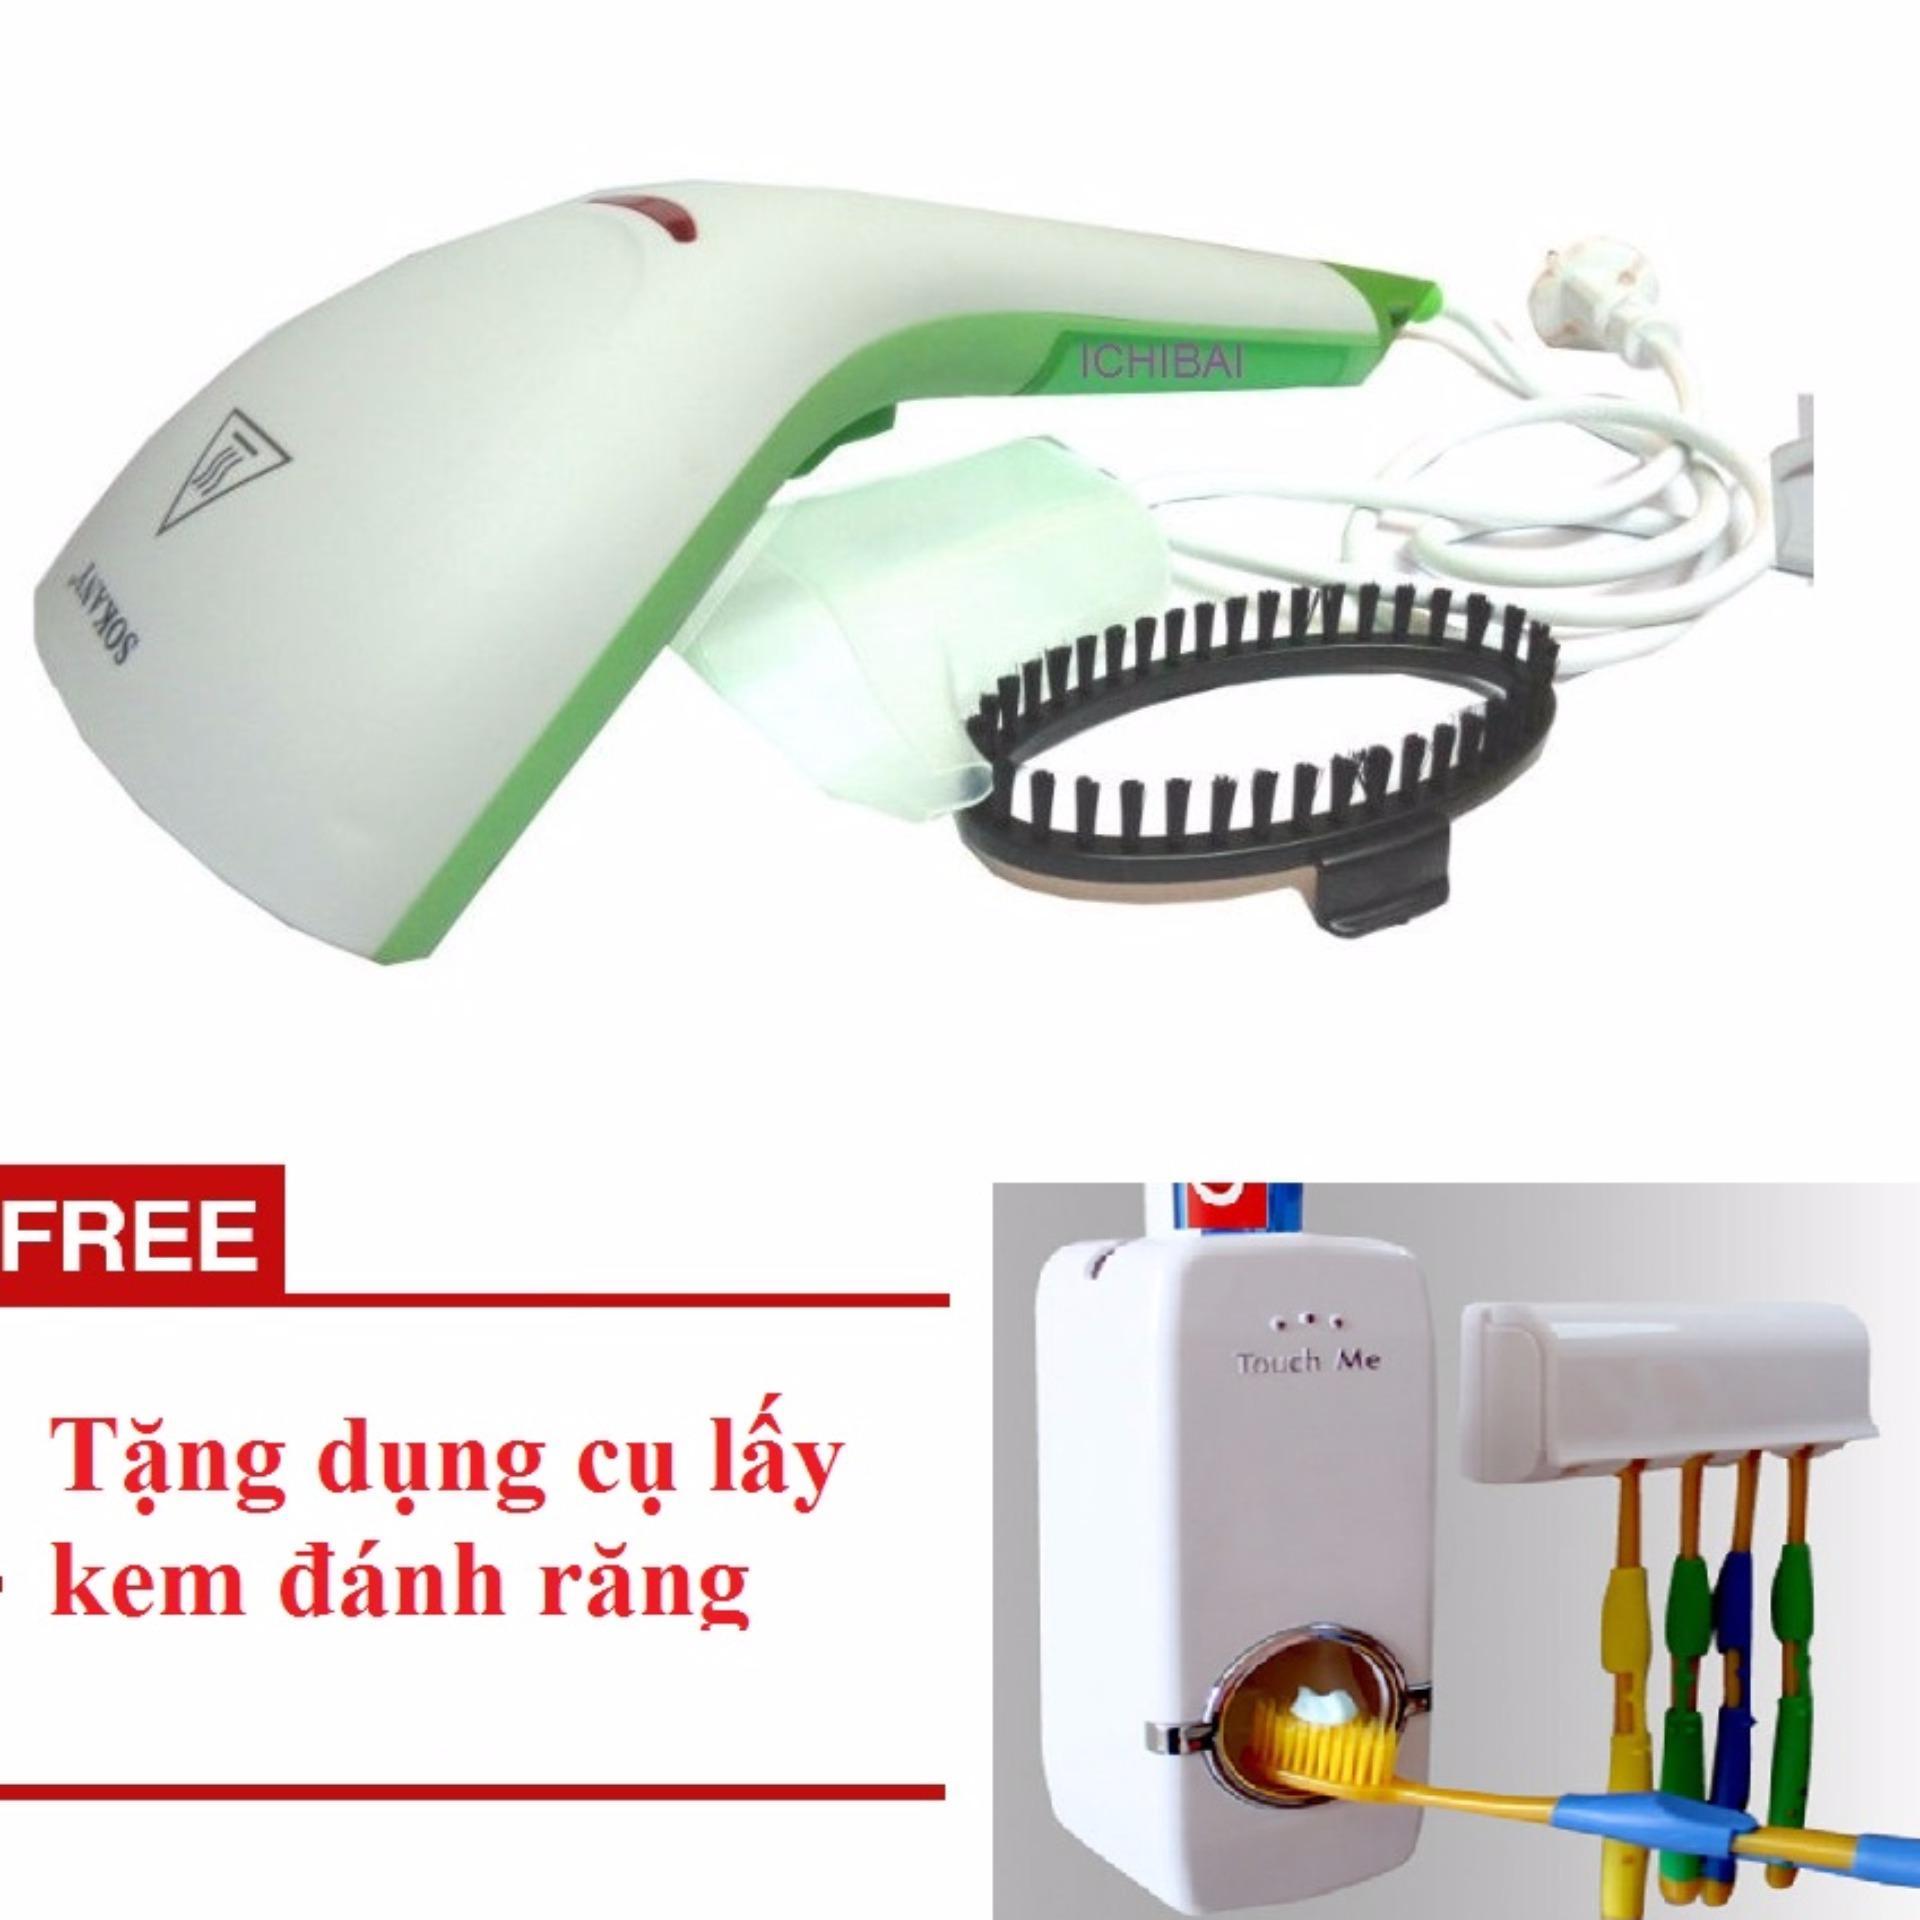 Bàn là hơi nước cầm tay cao cấp SoKany + Tặng dụng cụ lấy kem đánhrăng cao cấp(Xanh lá neon)